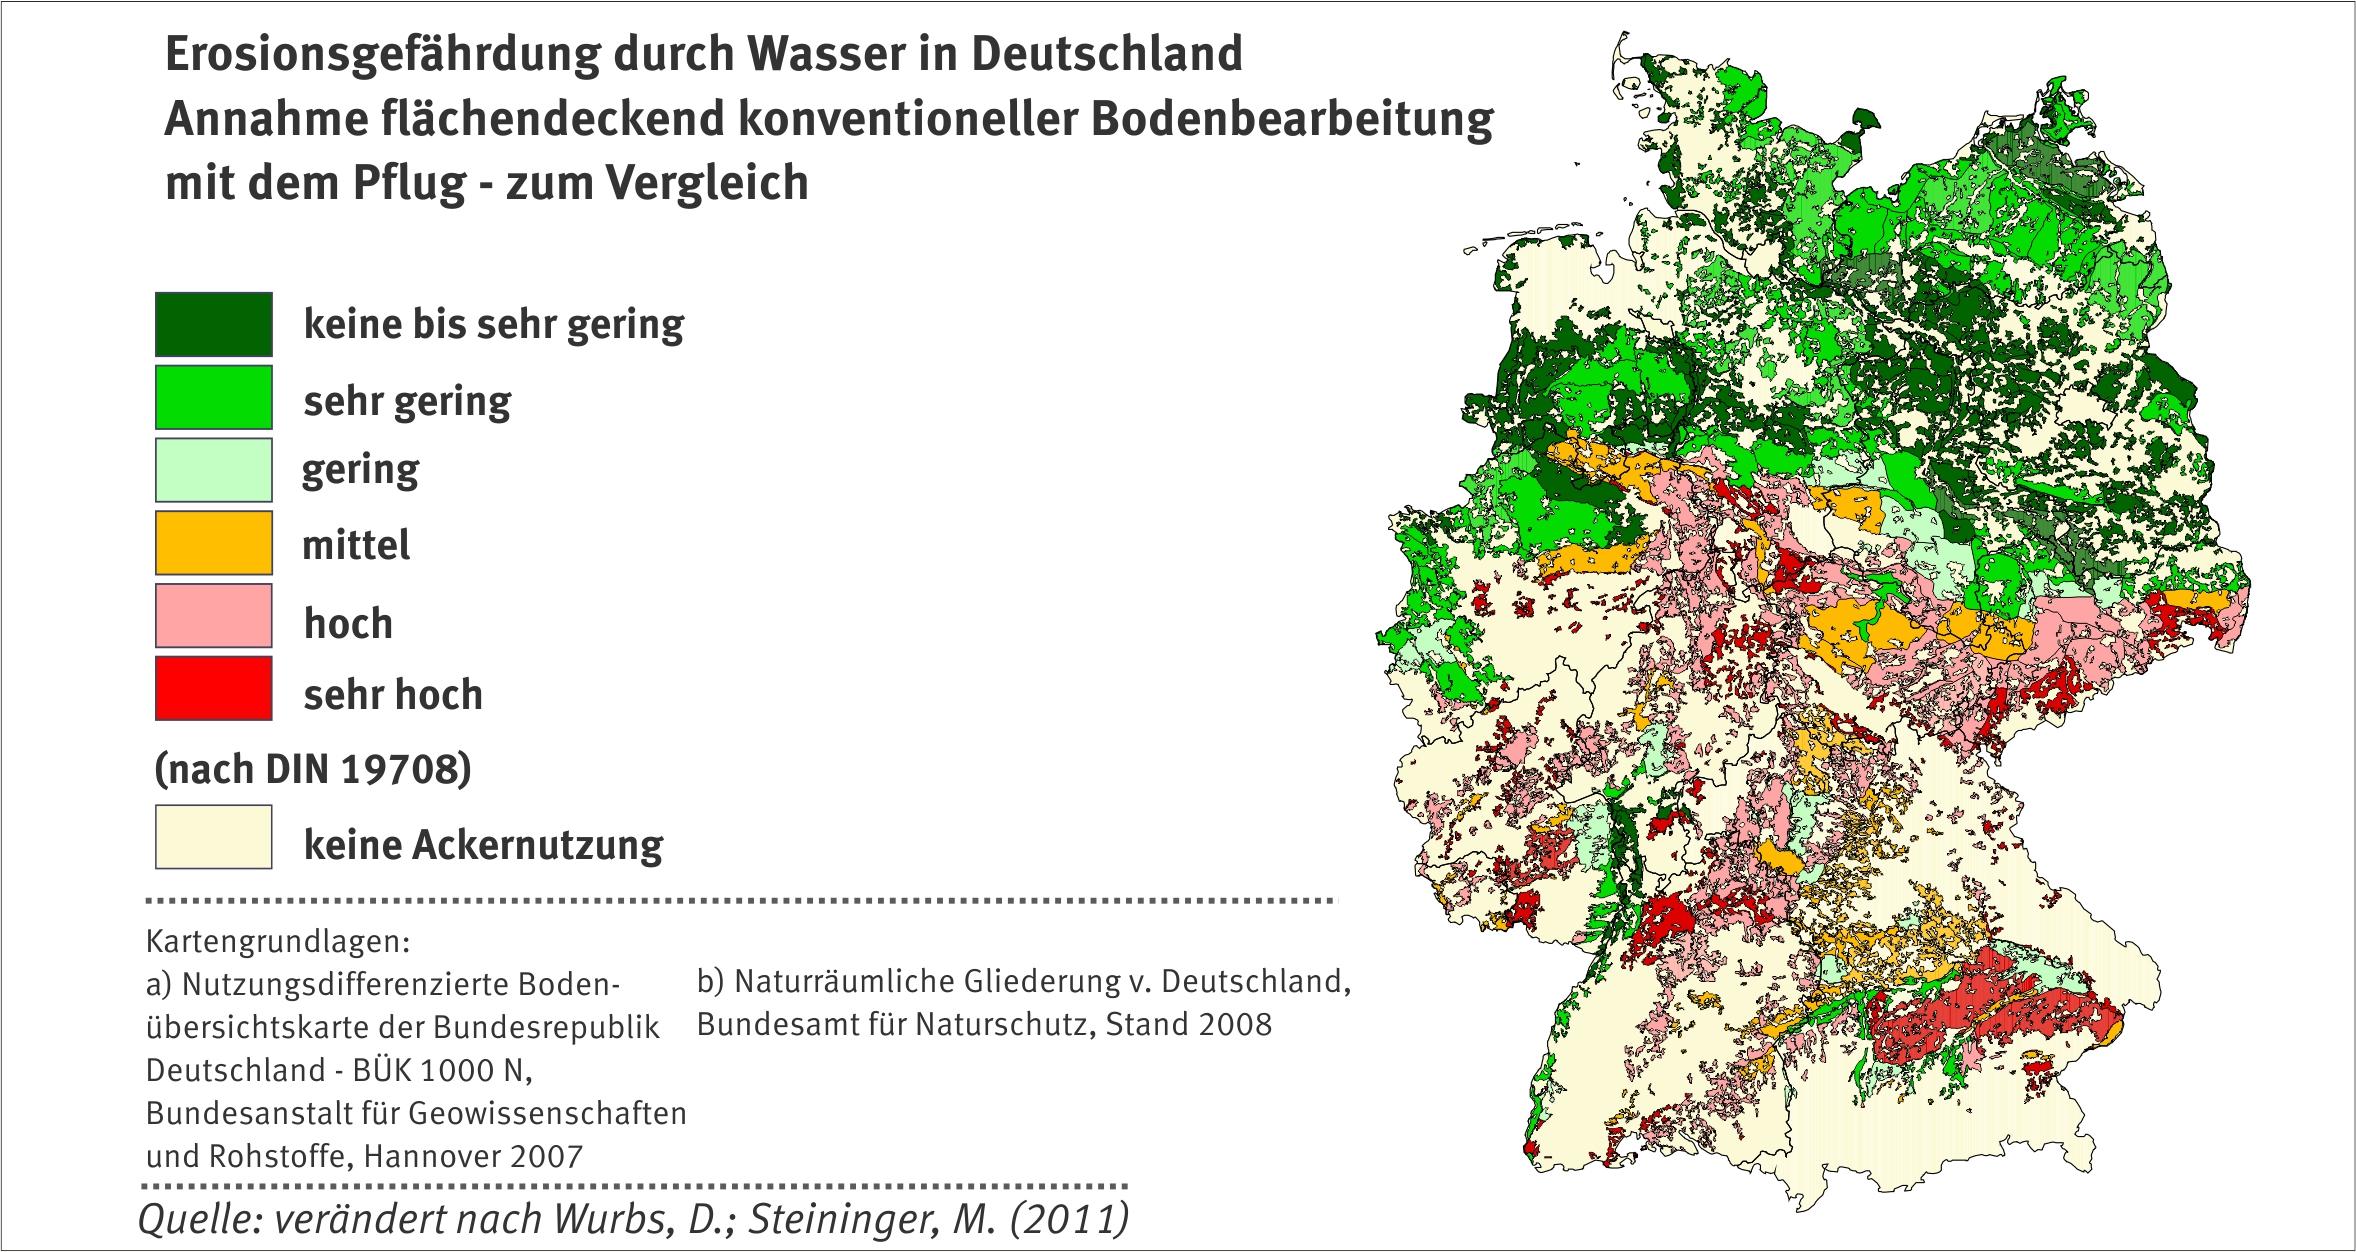 Erosion umweltbundesamt for Boden deutschland